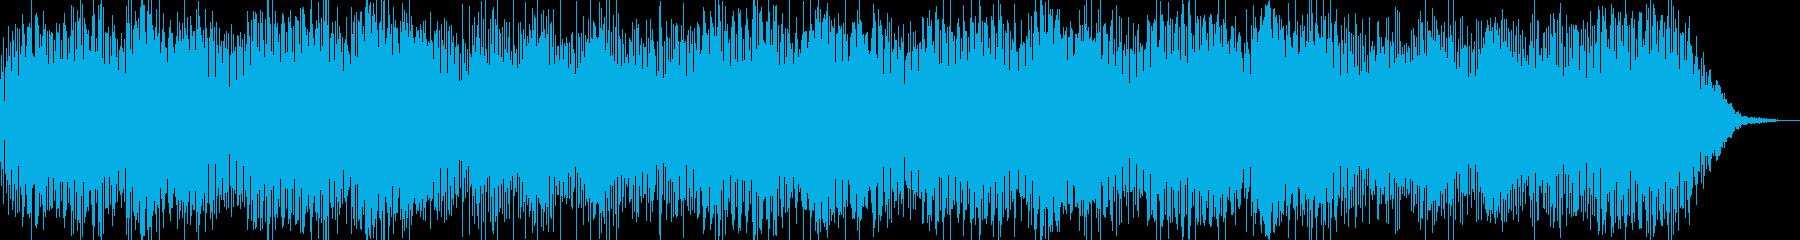 近未来系 実験 科学 化学 教育 理科の再生済みの波形